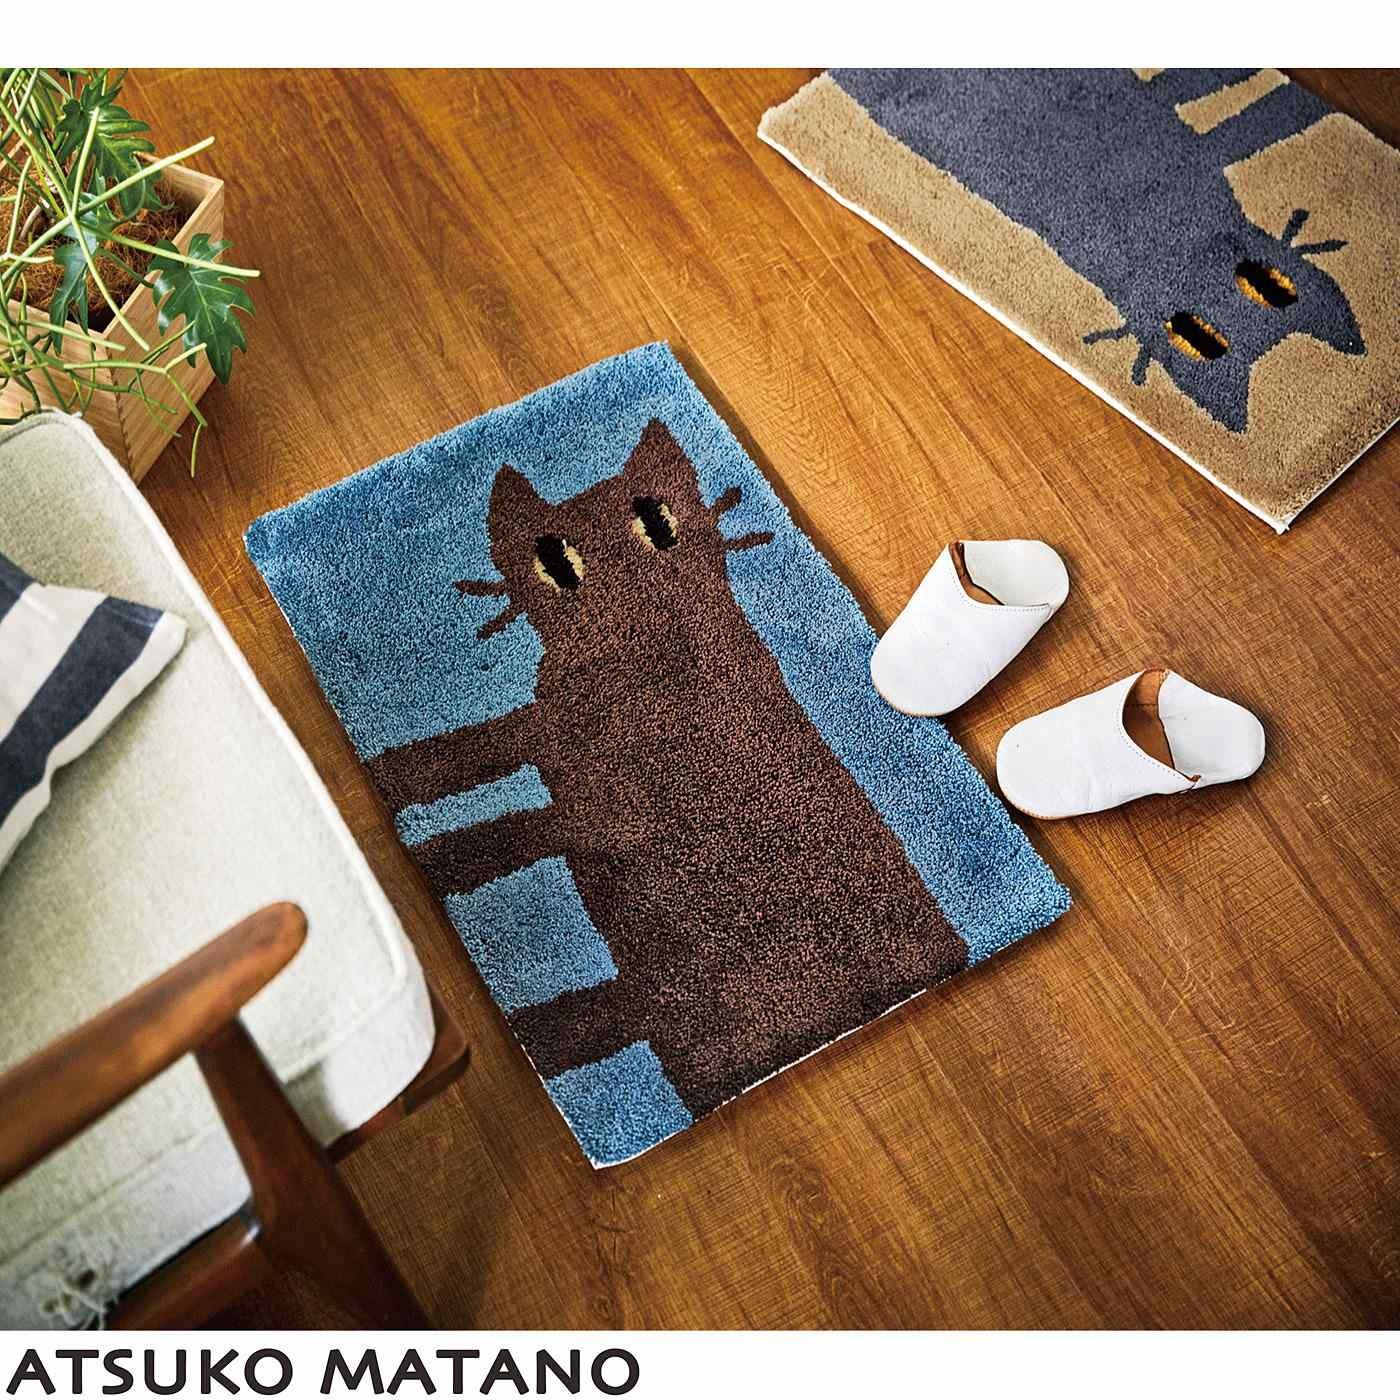 アツコマタノ 見つめる猫 マイラグマット